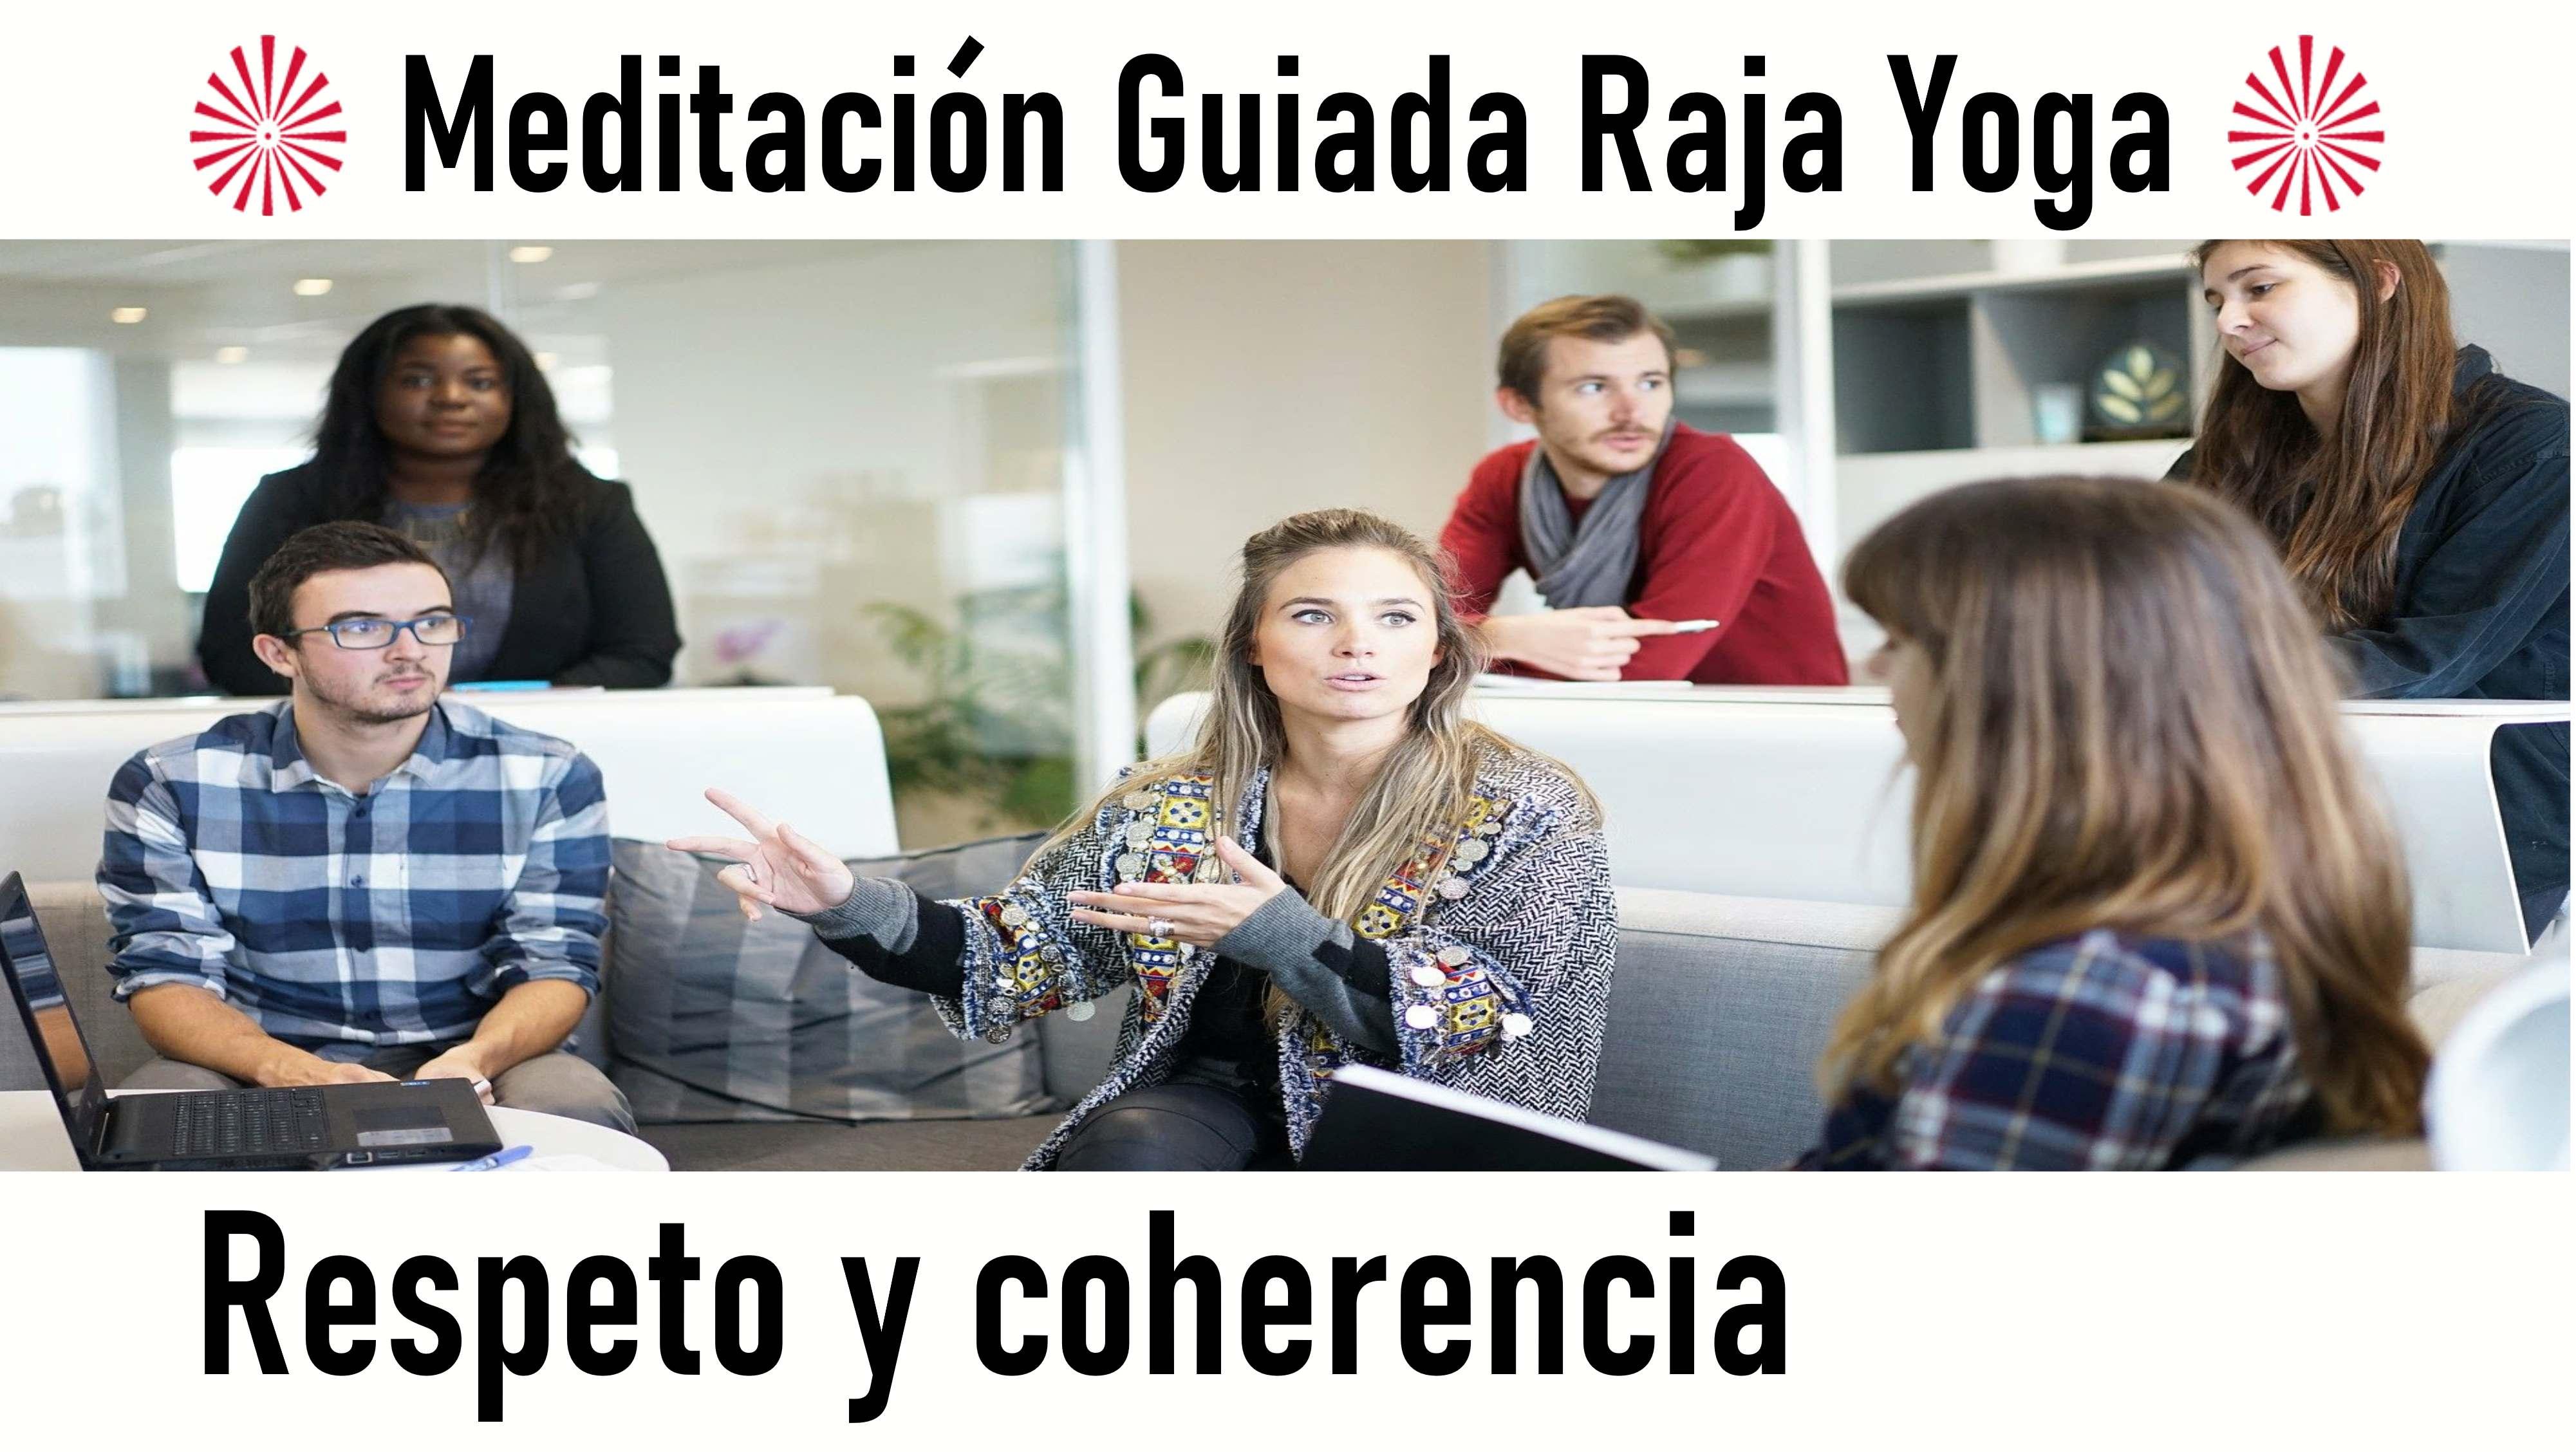 Meditación Raja Yoga: El respeto y la coherencia (28 Agosto 2020) On-line desde Barcelona